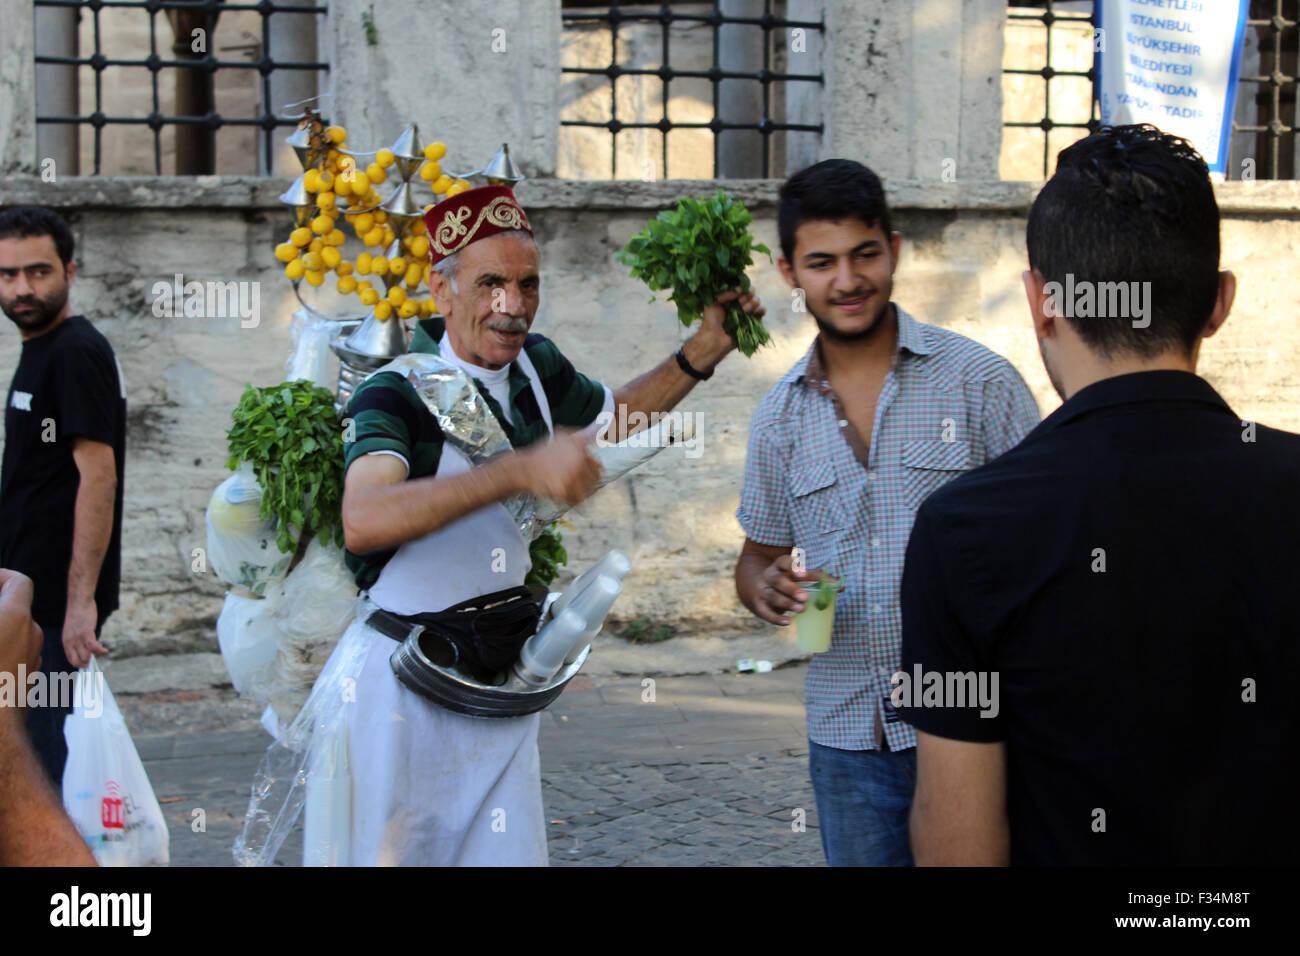 Istanbul, Turquie - 20 septembre 2015: vendeur de limonade pose pour la caméra dans les mains de de persil Photo Stock